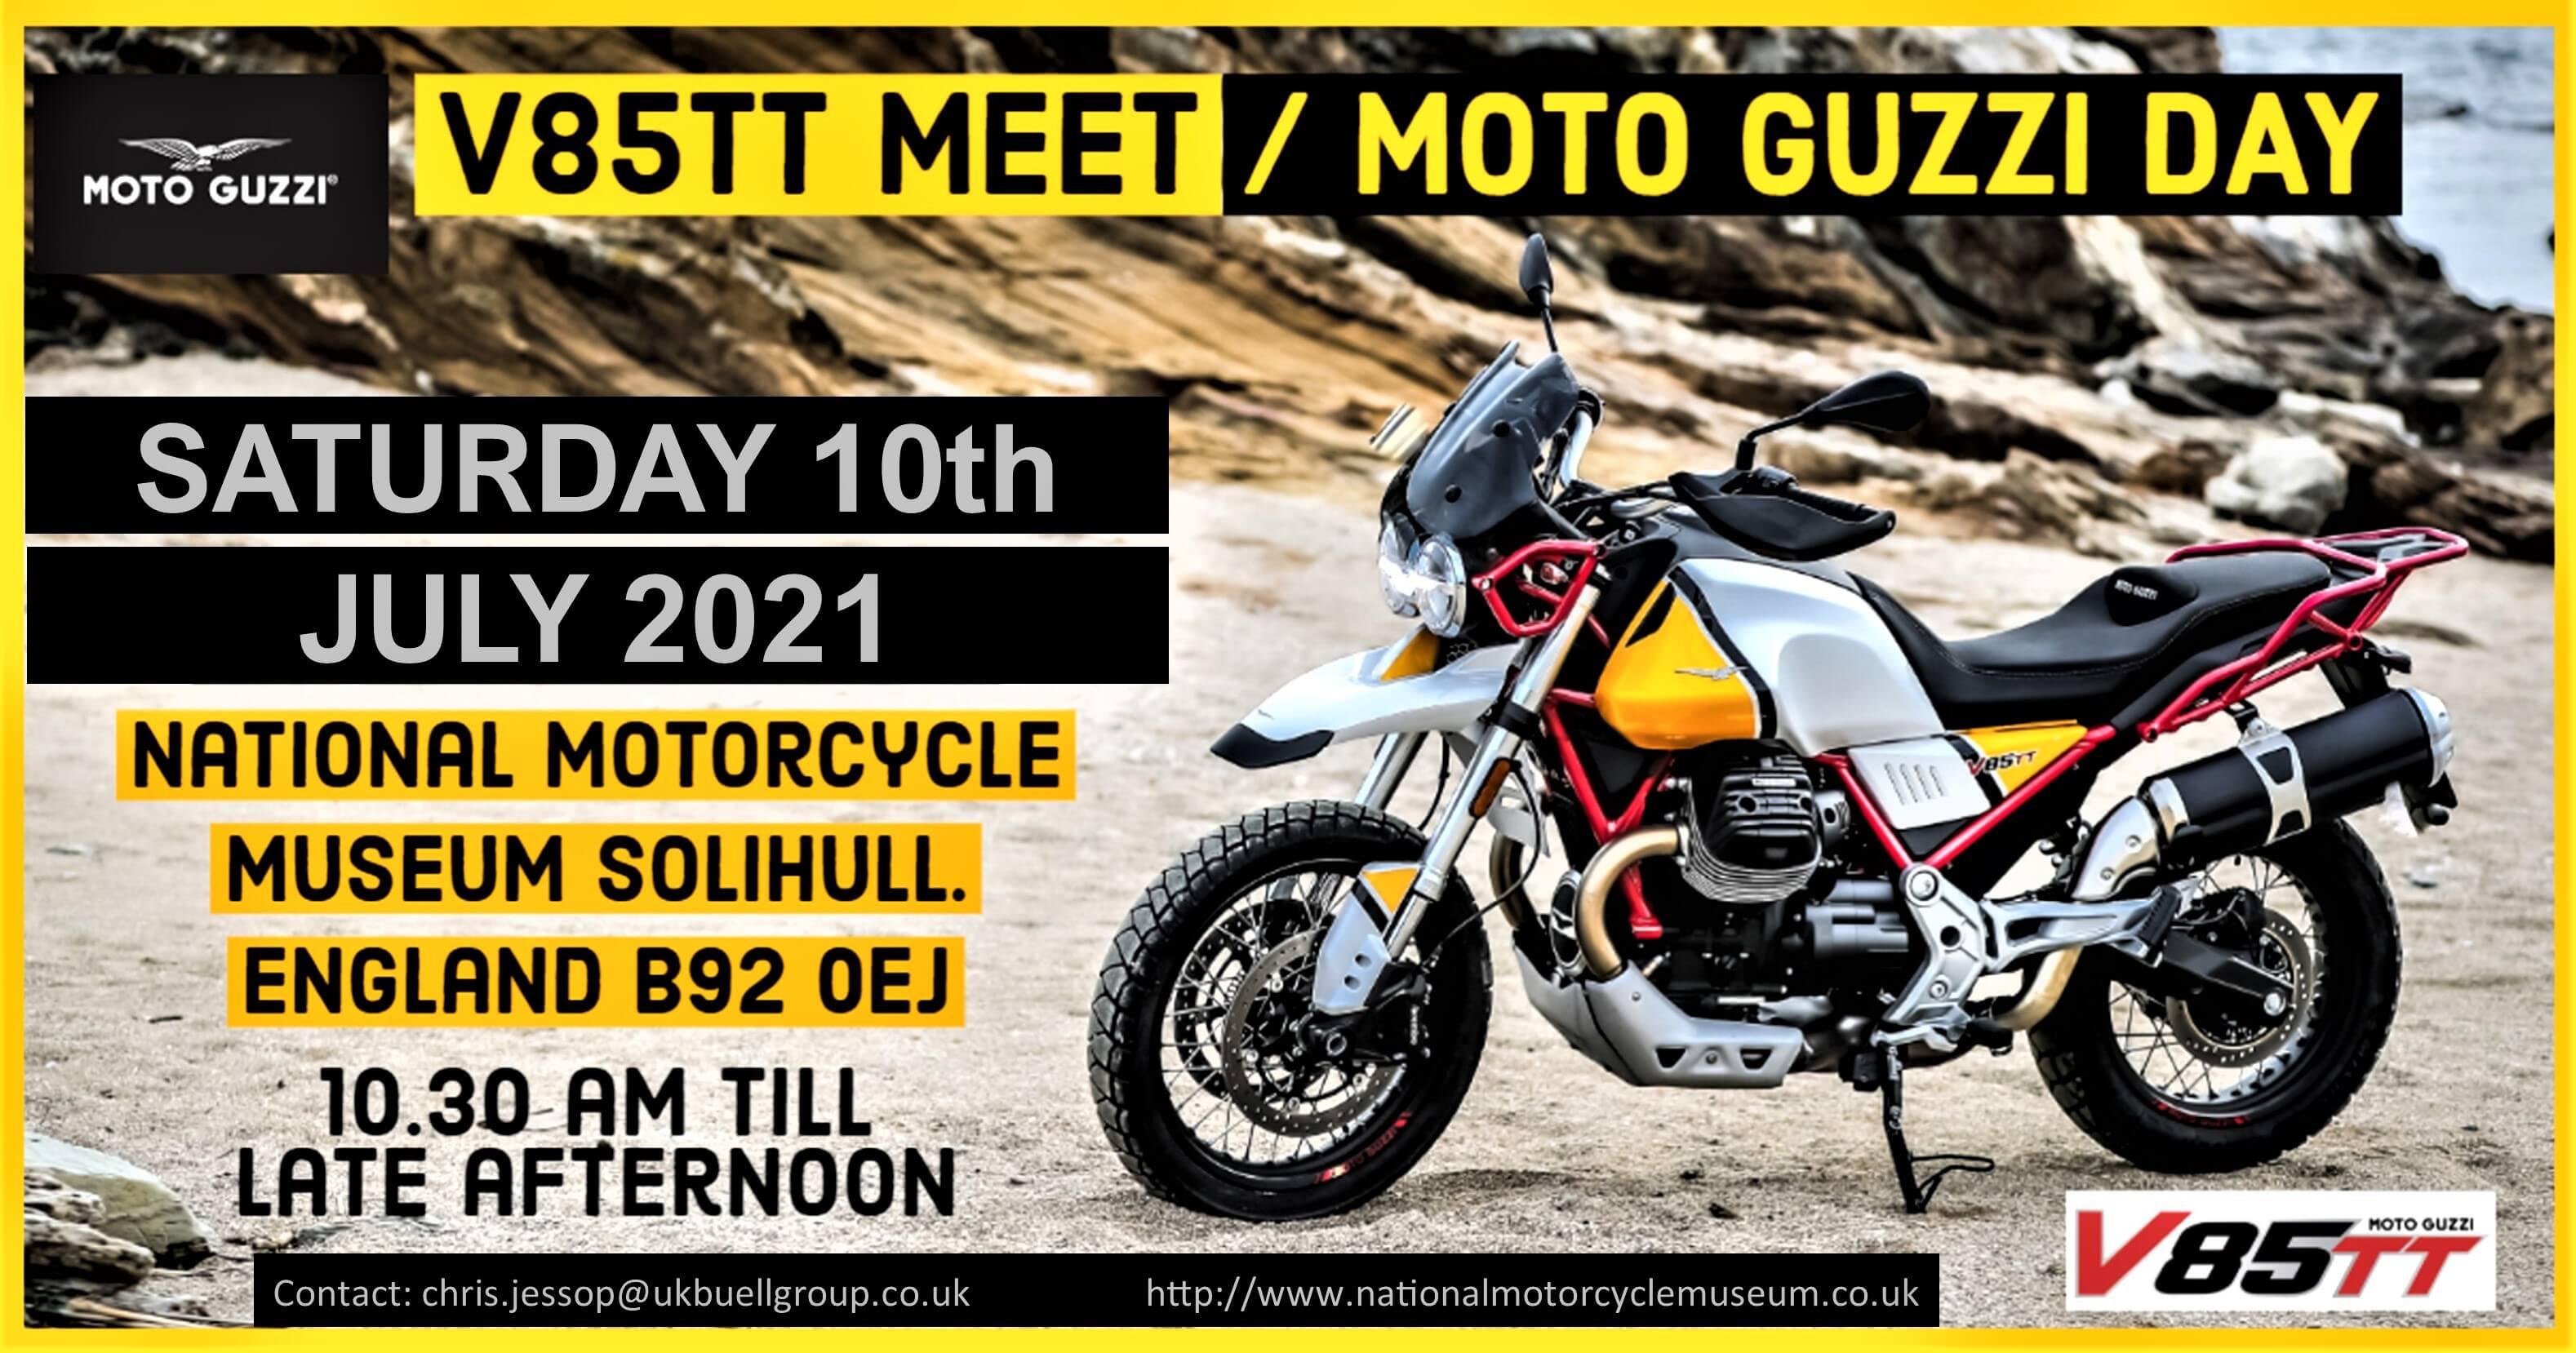 2021 V85TT Meet Poster